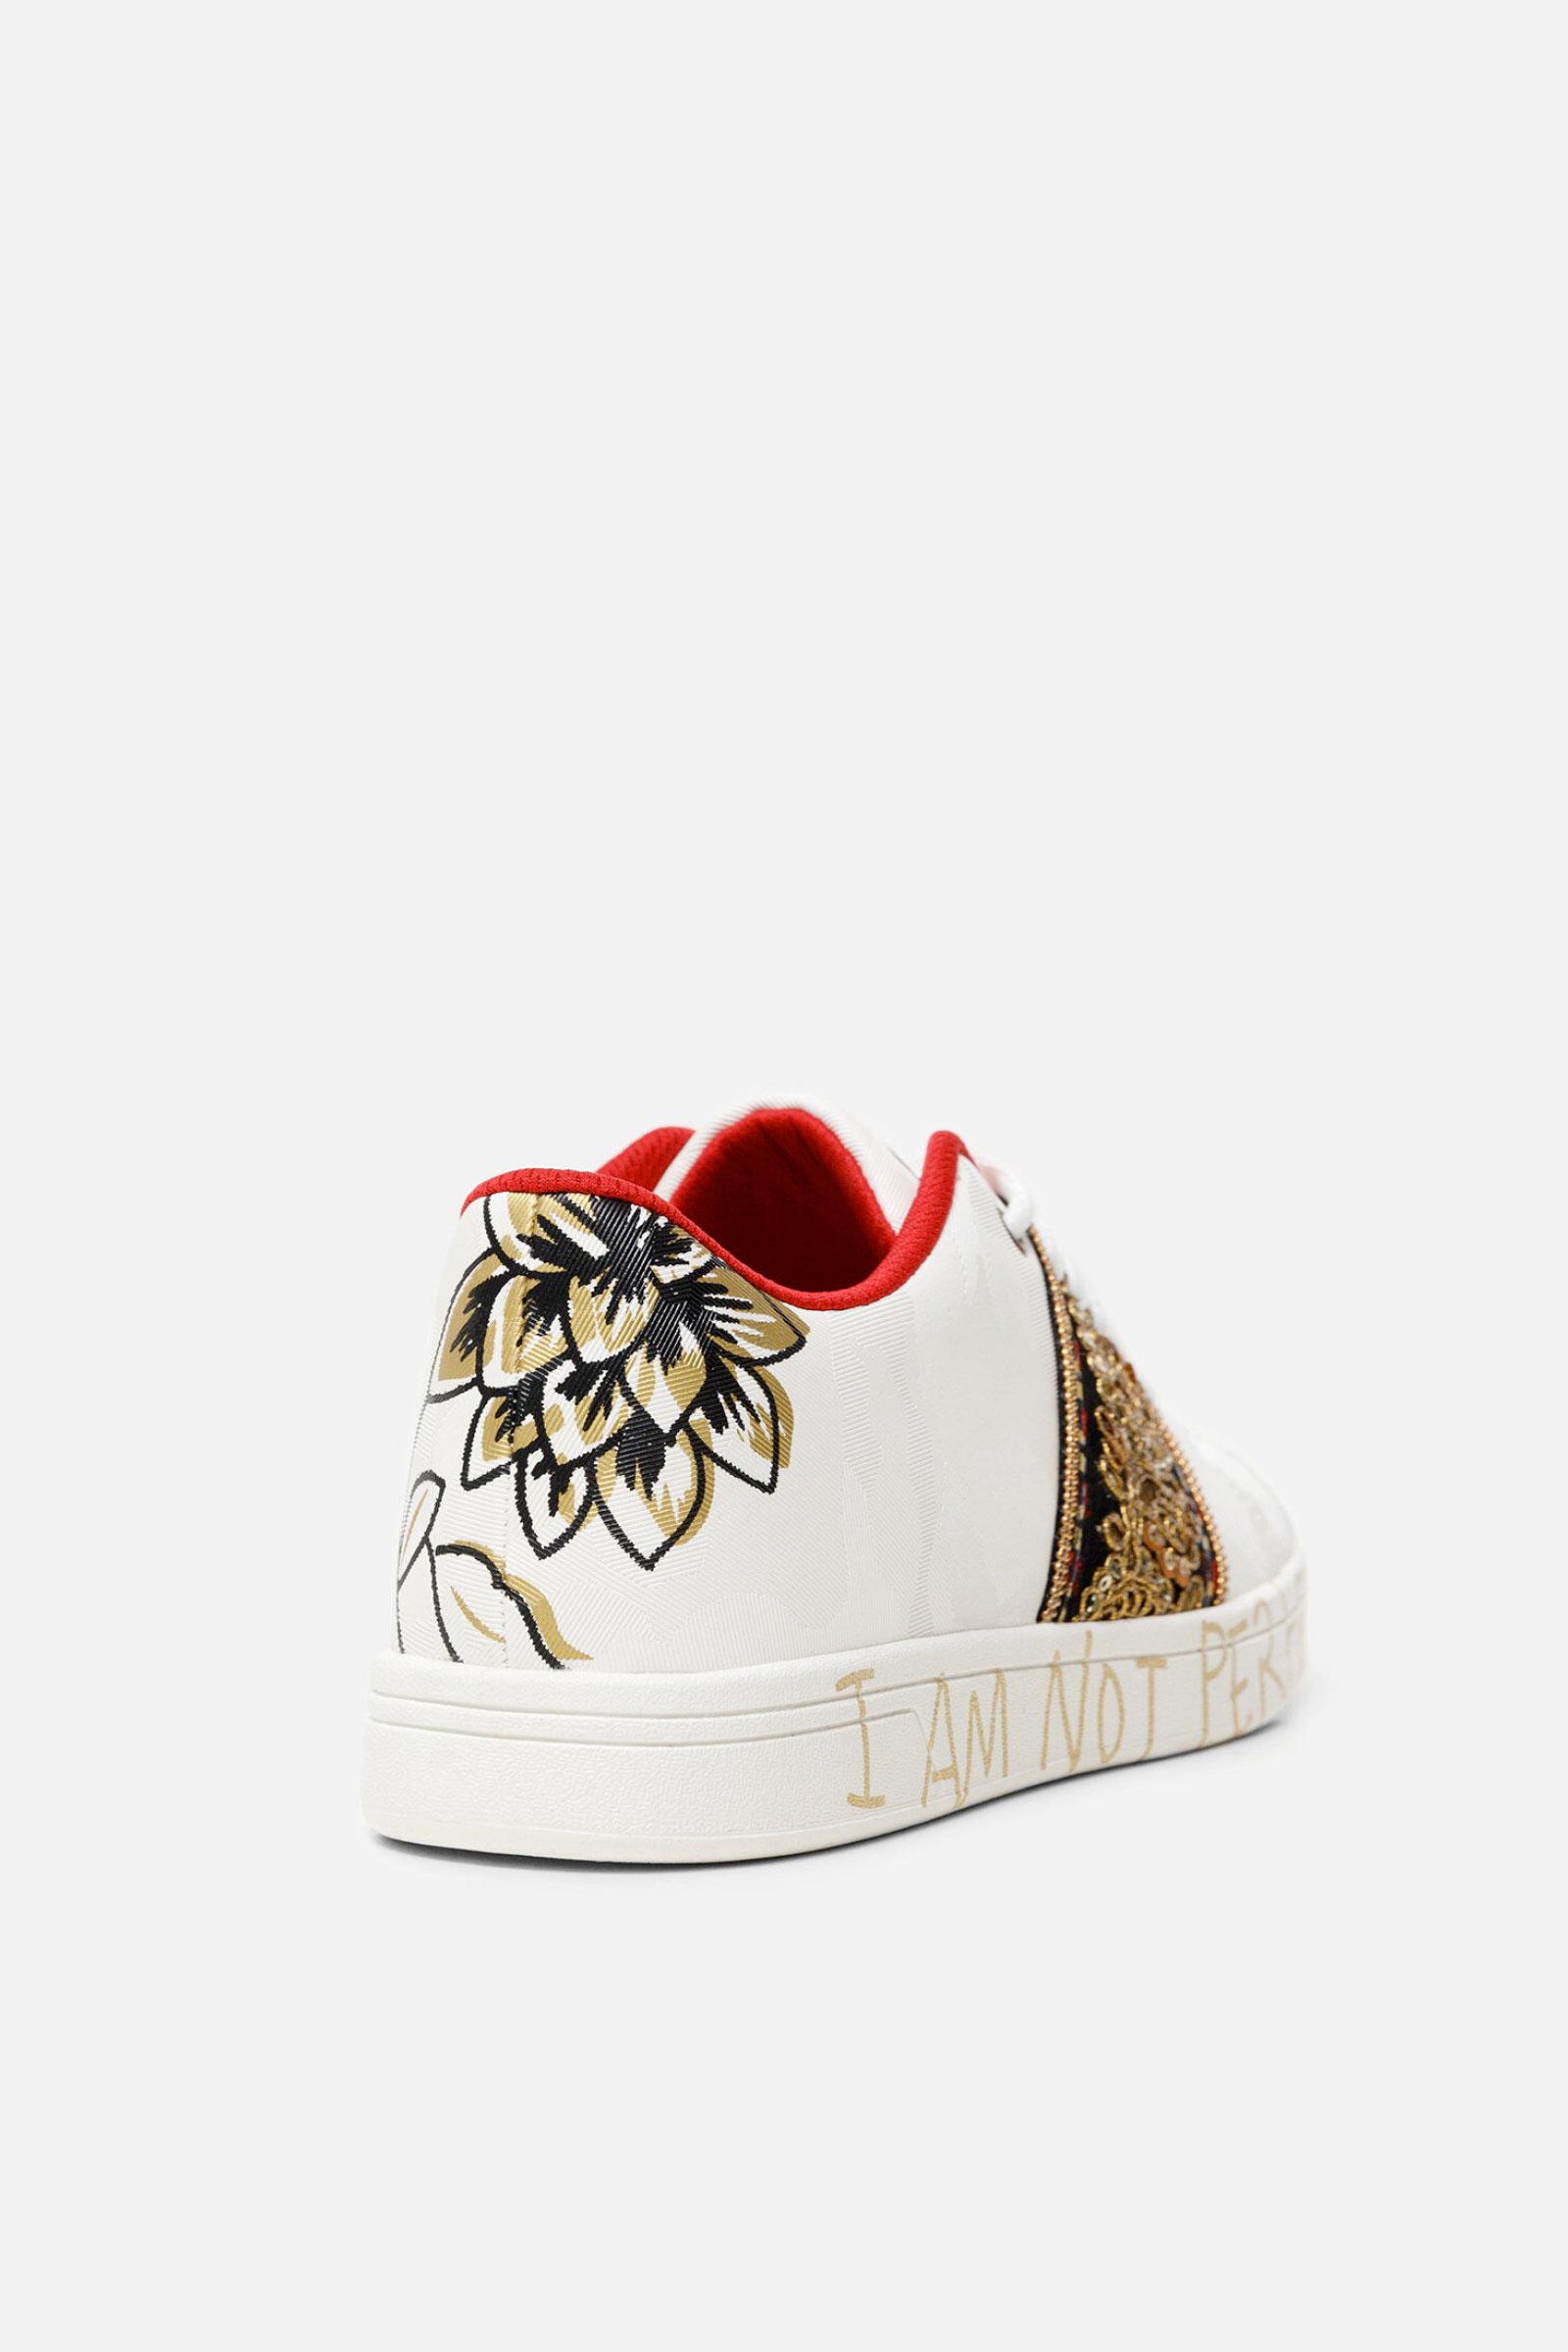 DESIGUAL scarpe Donna modello COSMIC INDIA DESIGUAL | Scarpe | 20WSKP031000